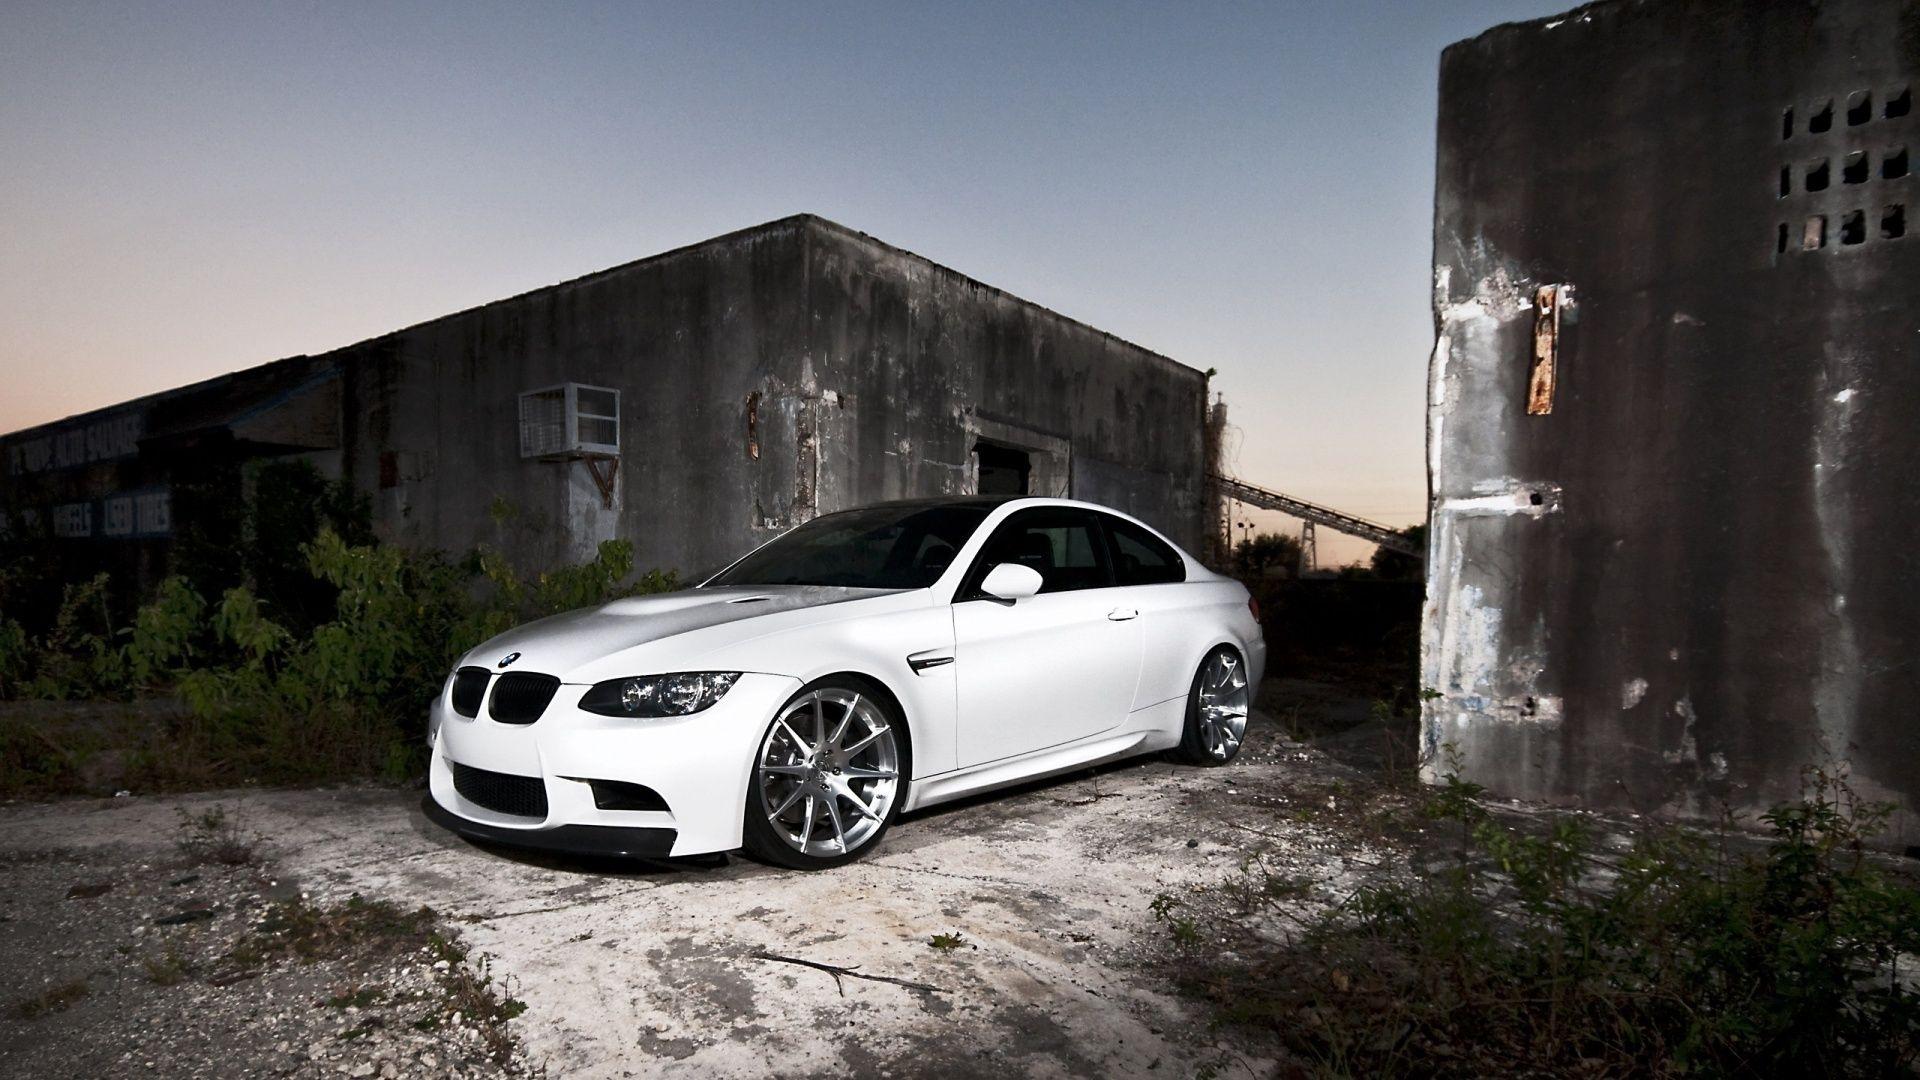 BMW M3 Wallpaper 10 - 1920x1080